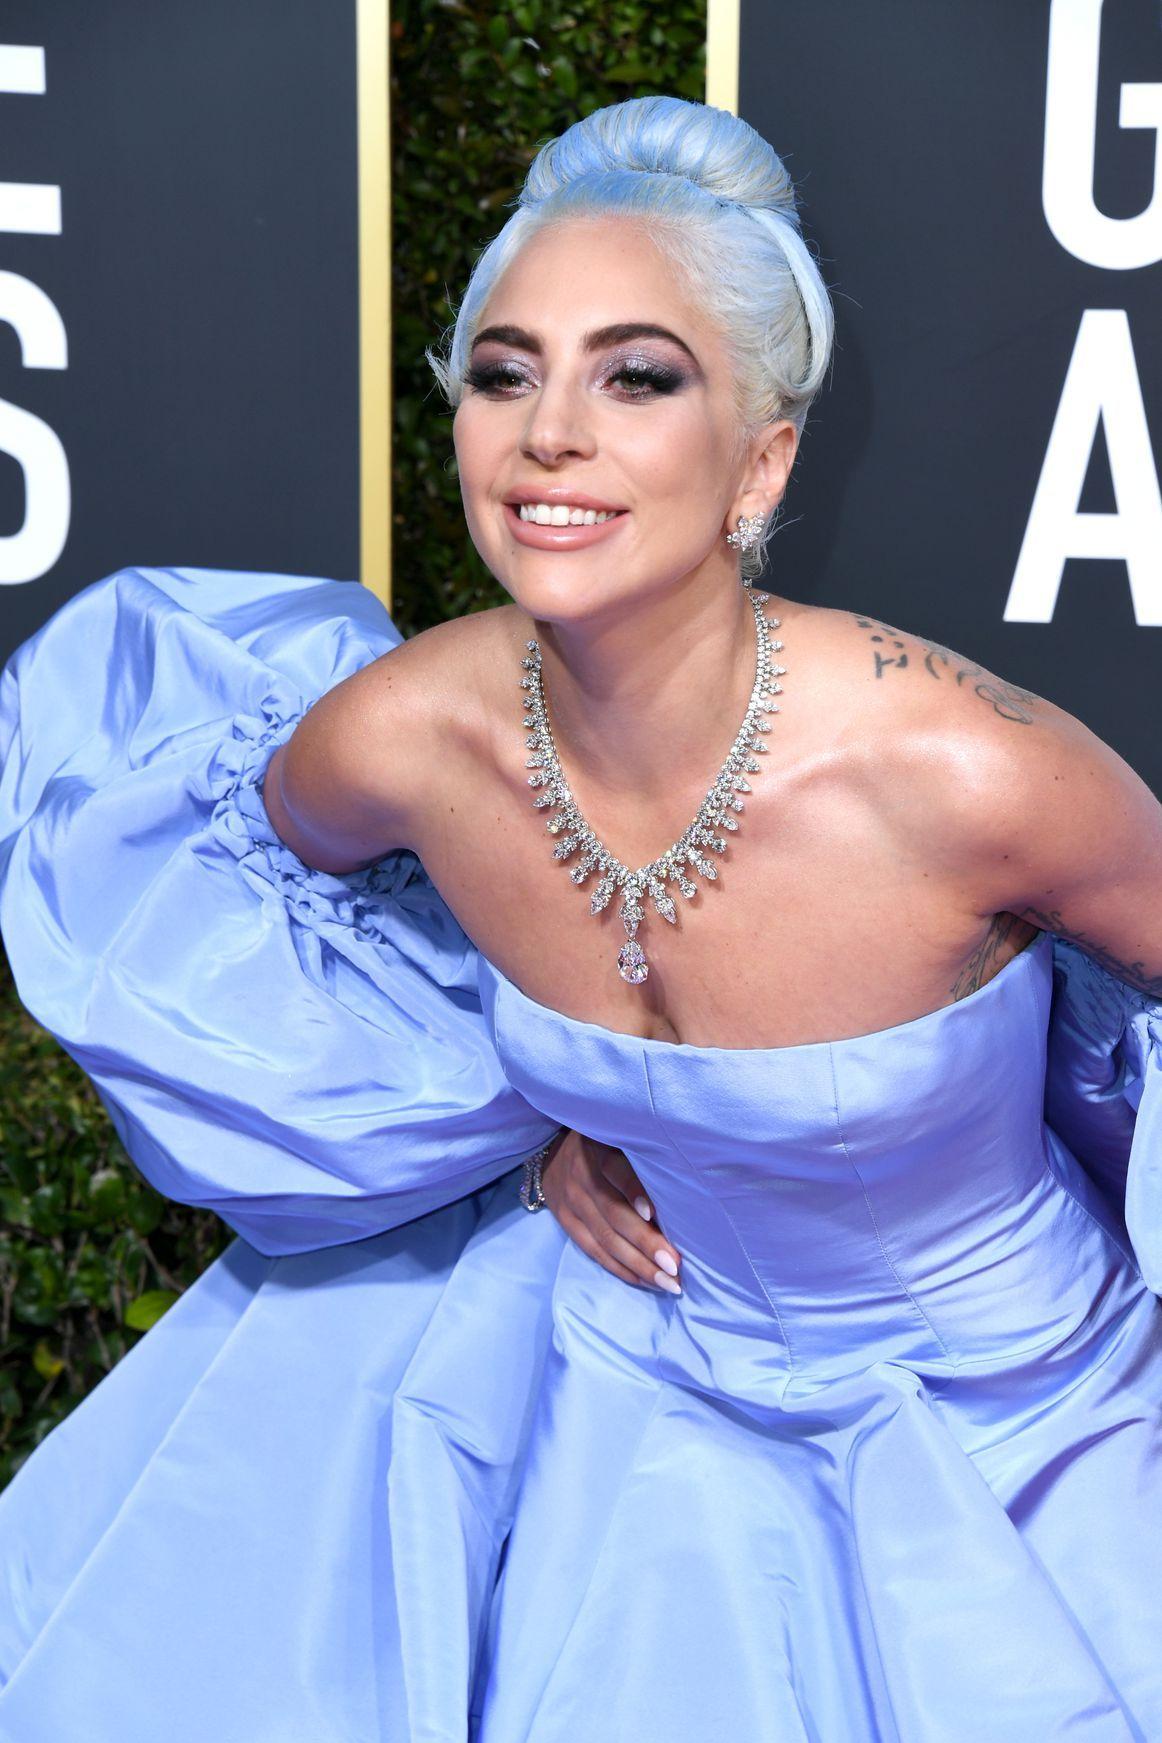 Penampilan Lady Gaga di ajang Golden Globe Awards kali ini memang sangat mempesona ya Teens (dok. Cosmopolitan)